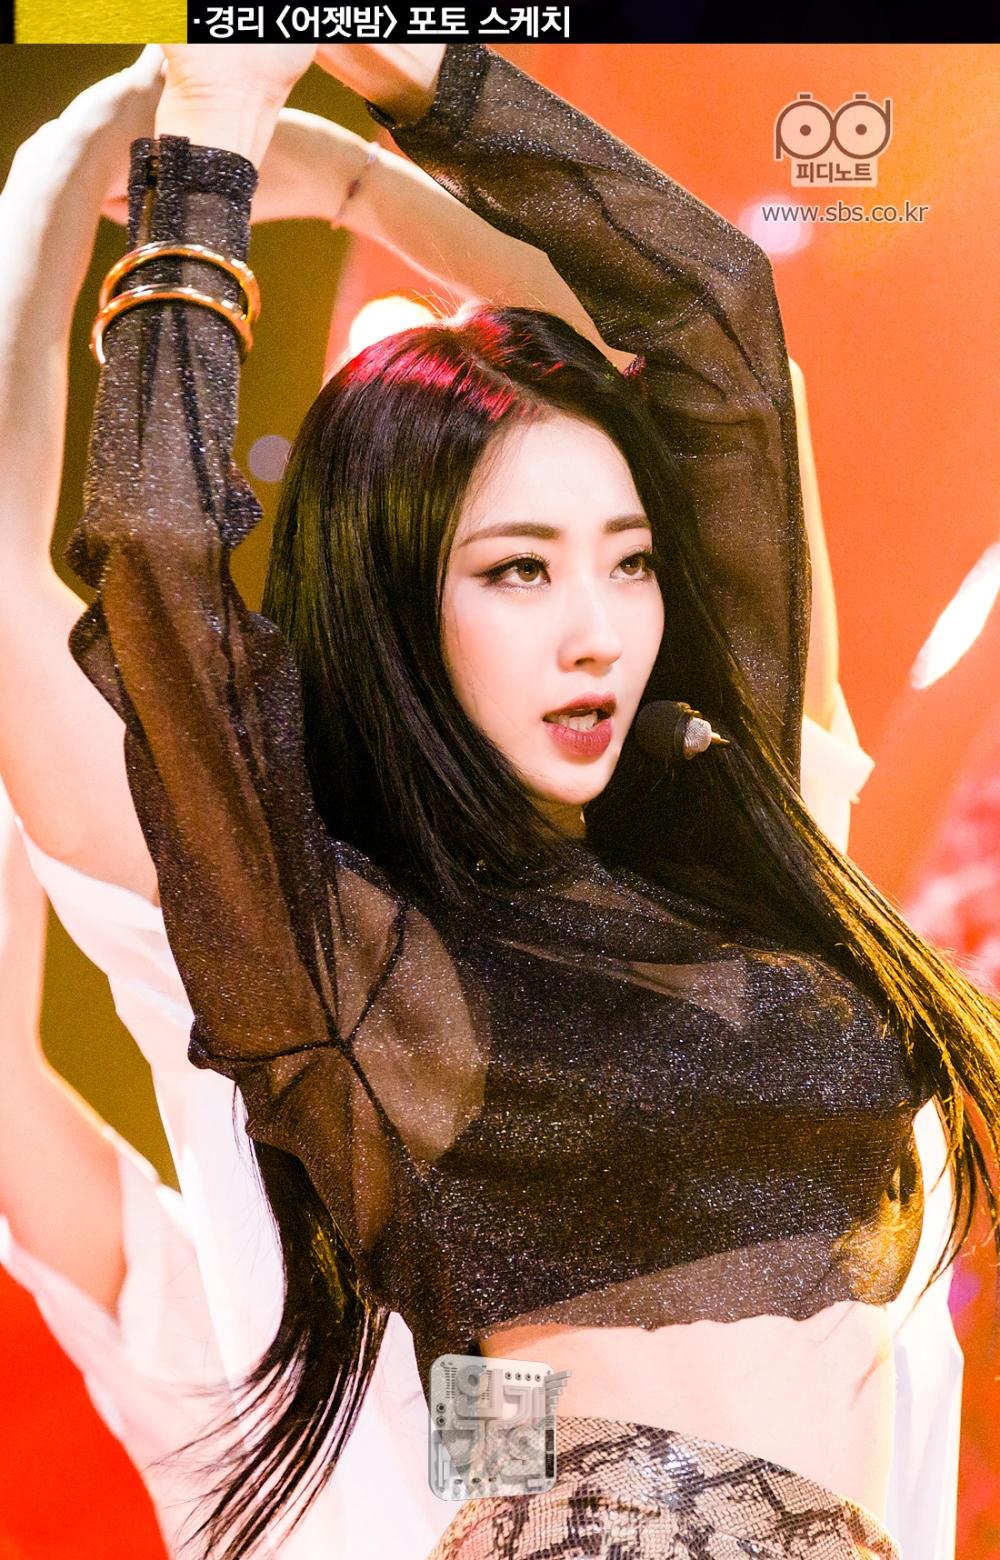 경리의 솔로 데뷔 무대가 있다.